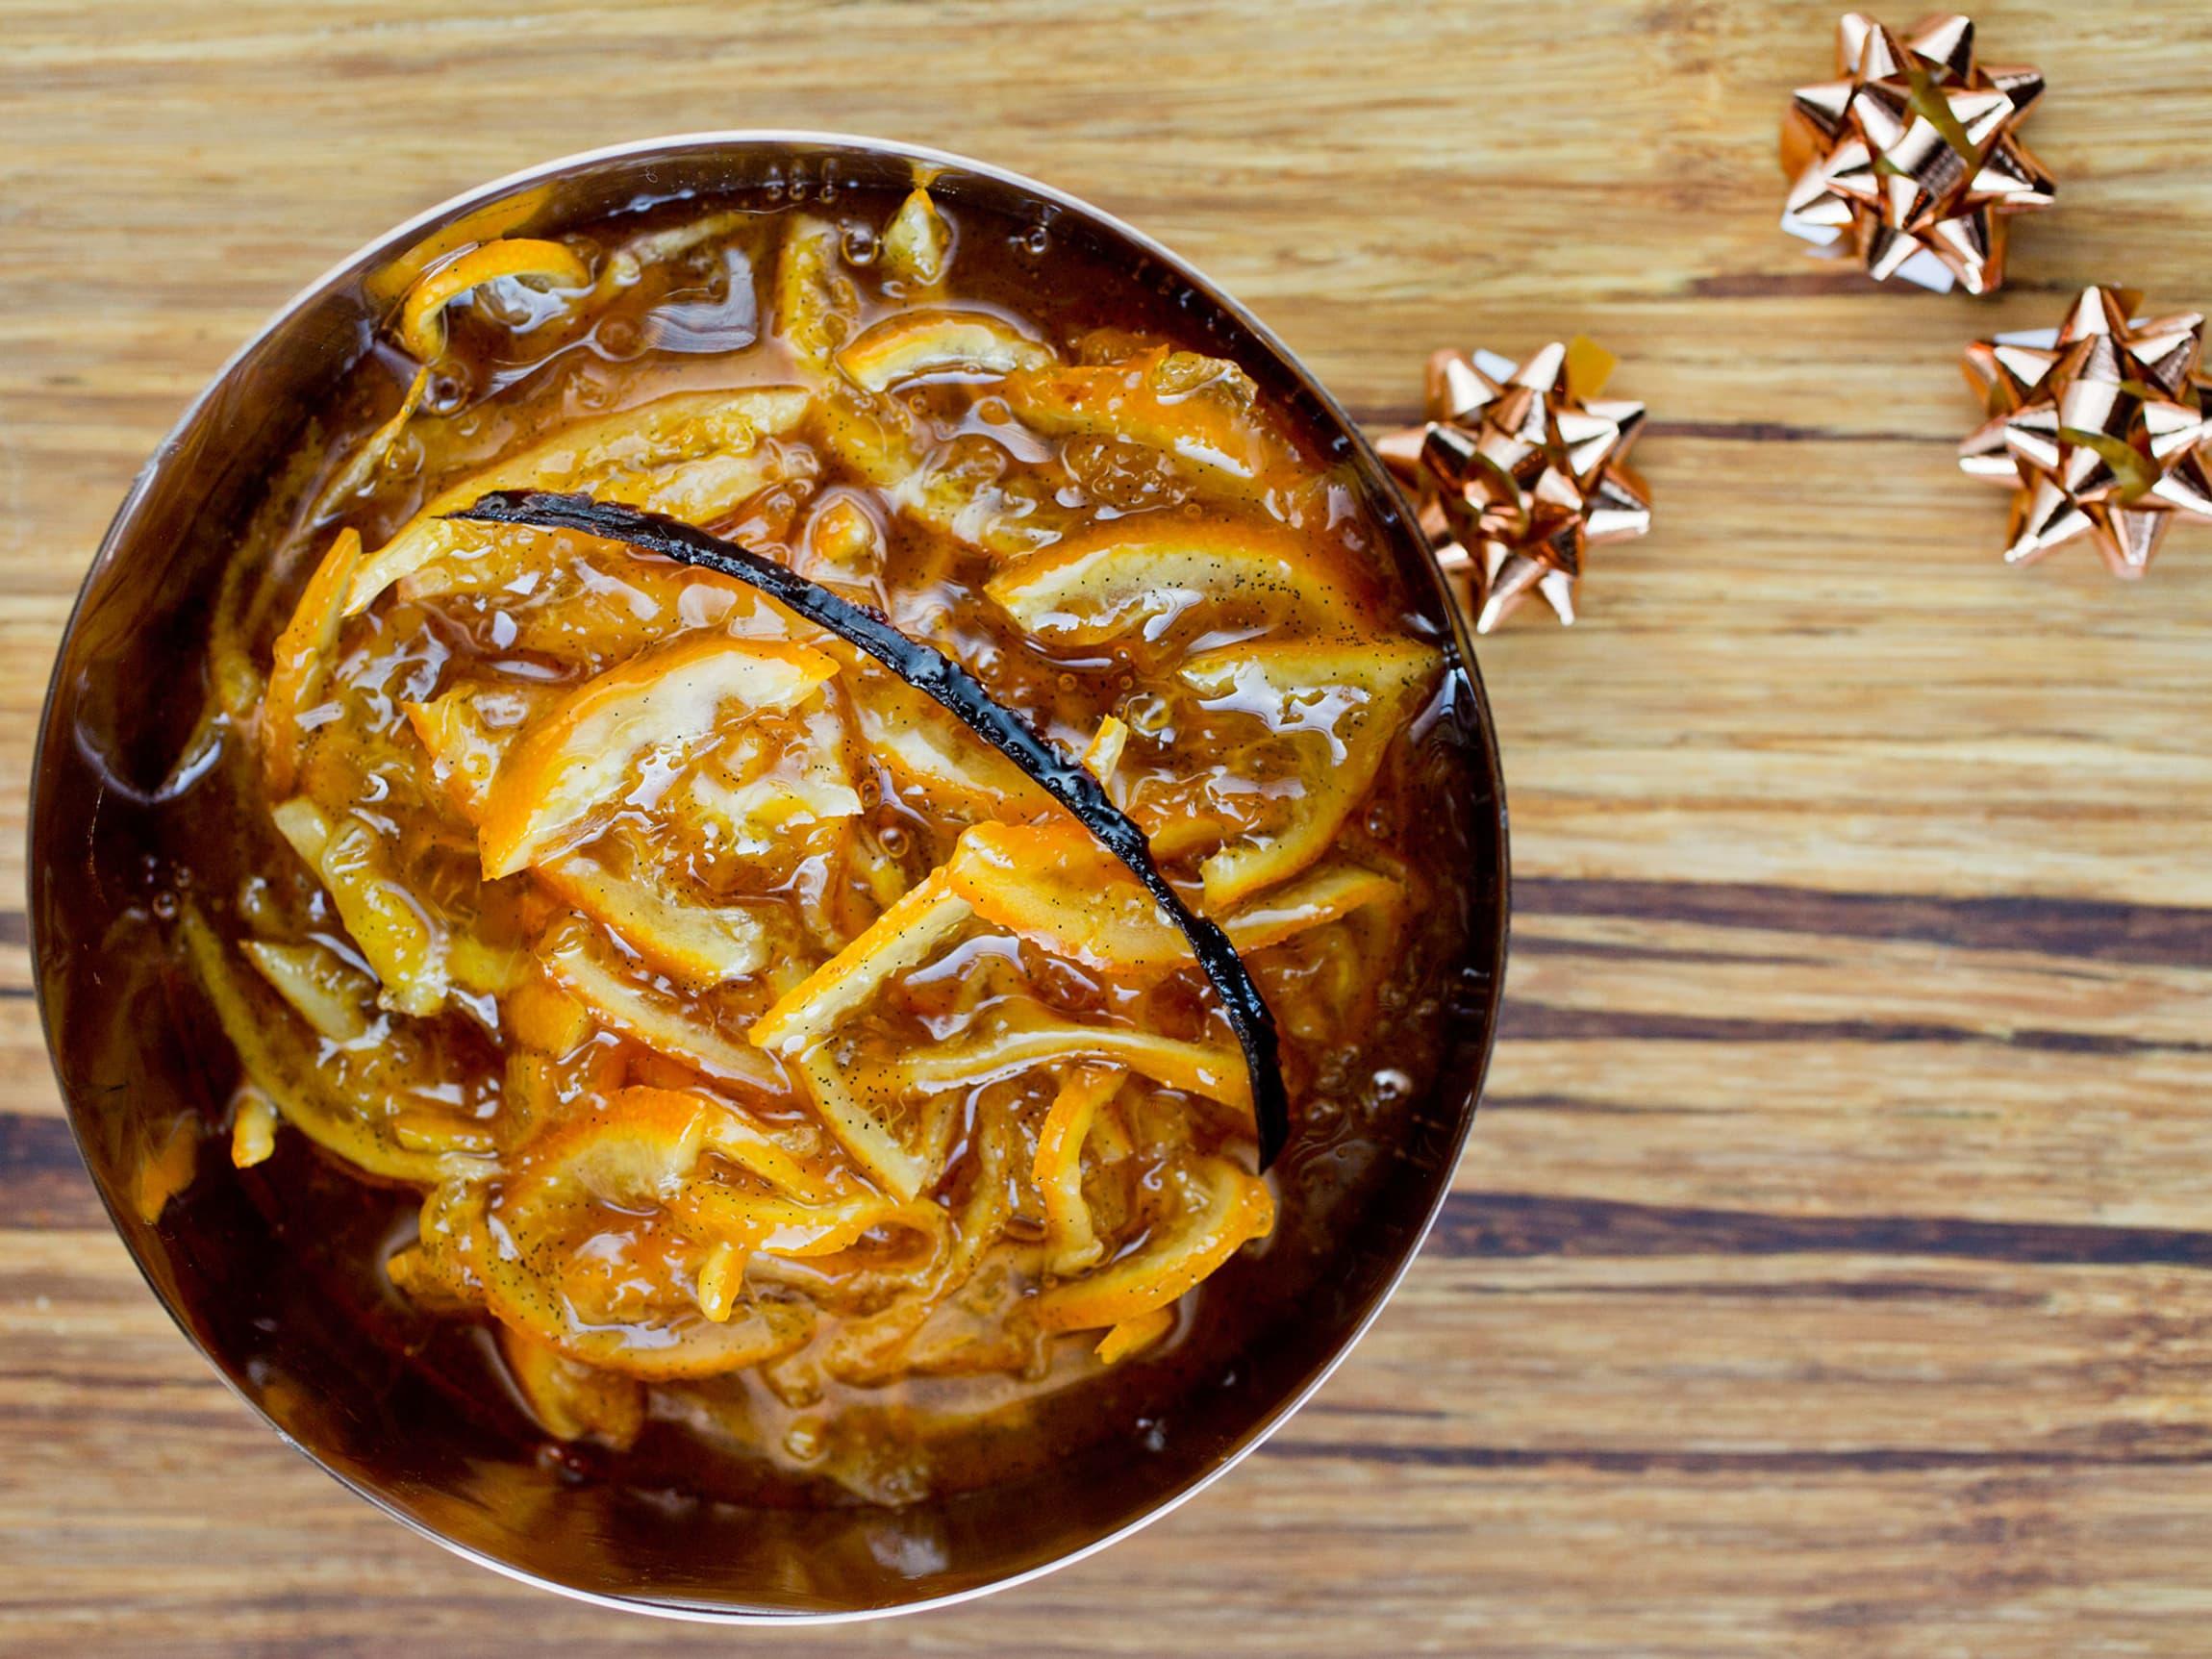 Marmelade av klementiner passer fantastisk godt på ostebordet som tilbehør til de kraftige ostene.